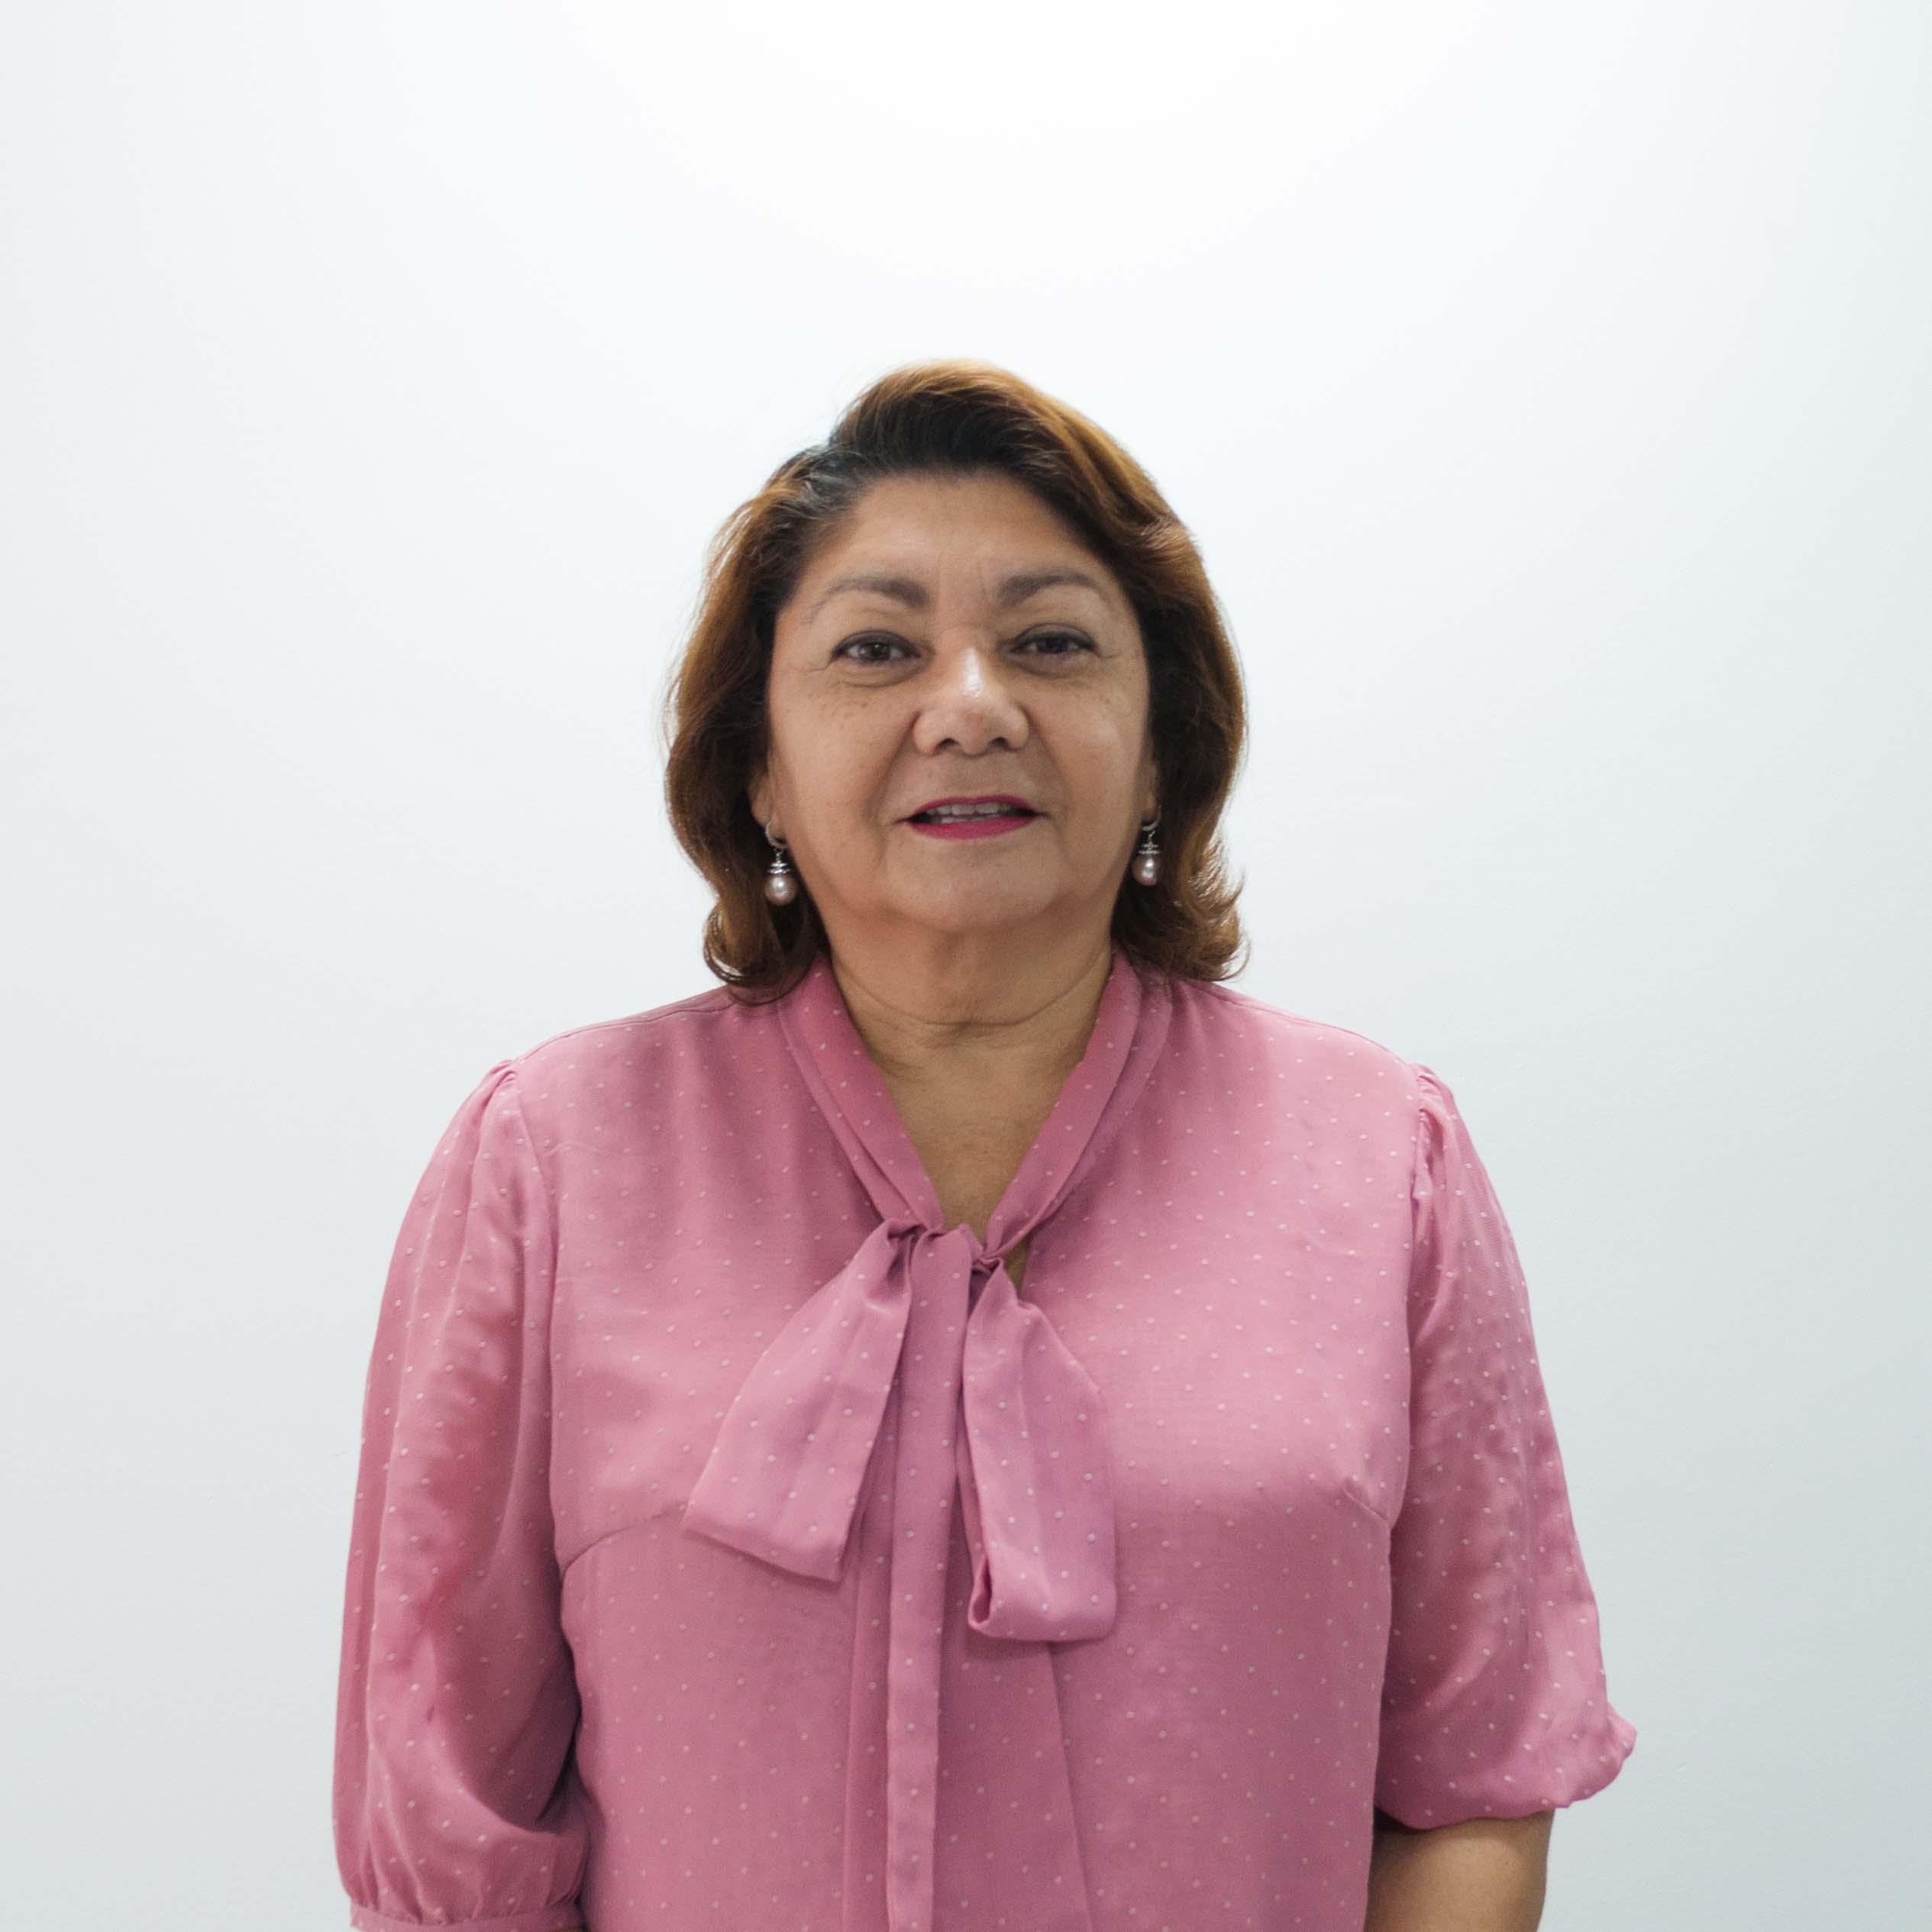 Isabel Araujo